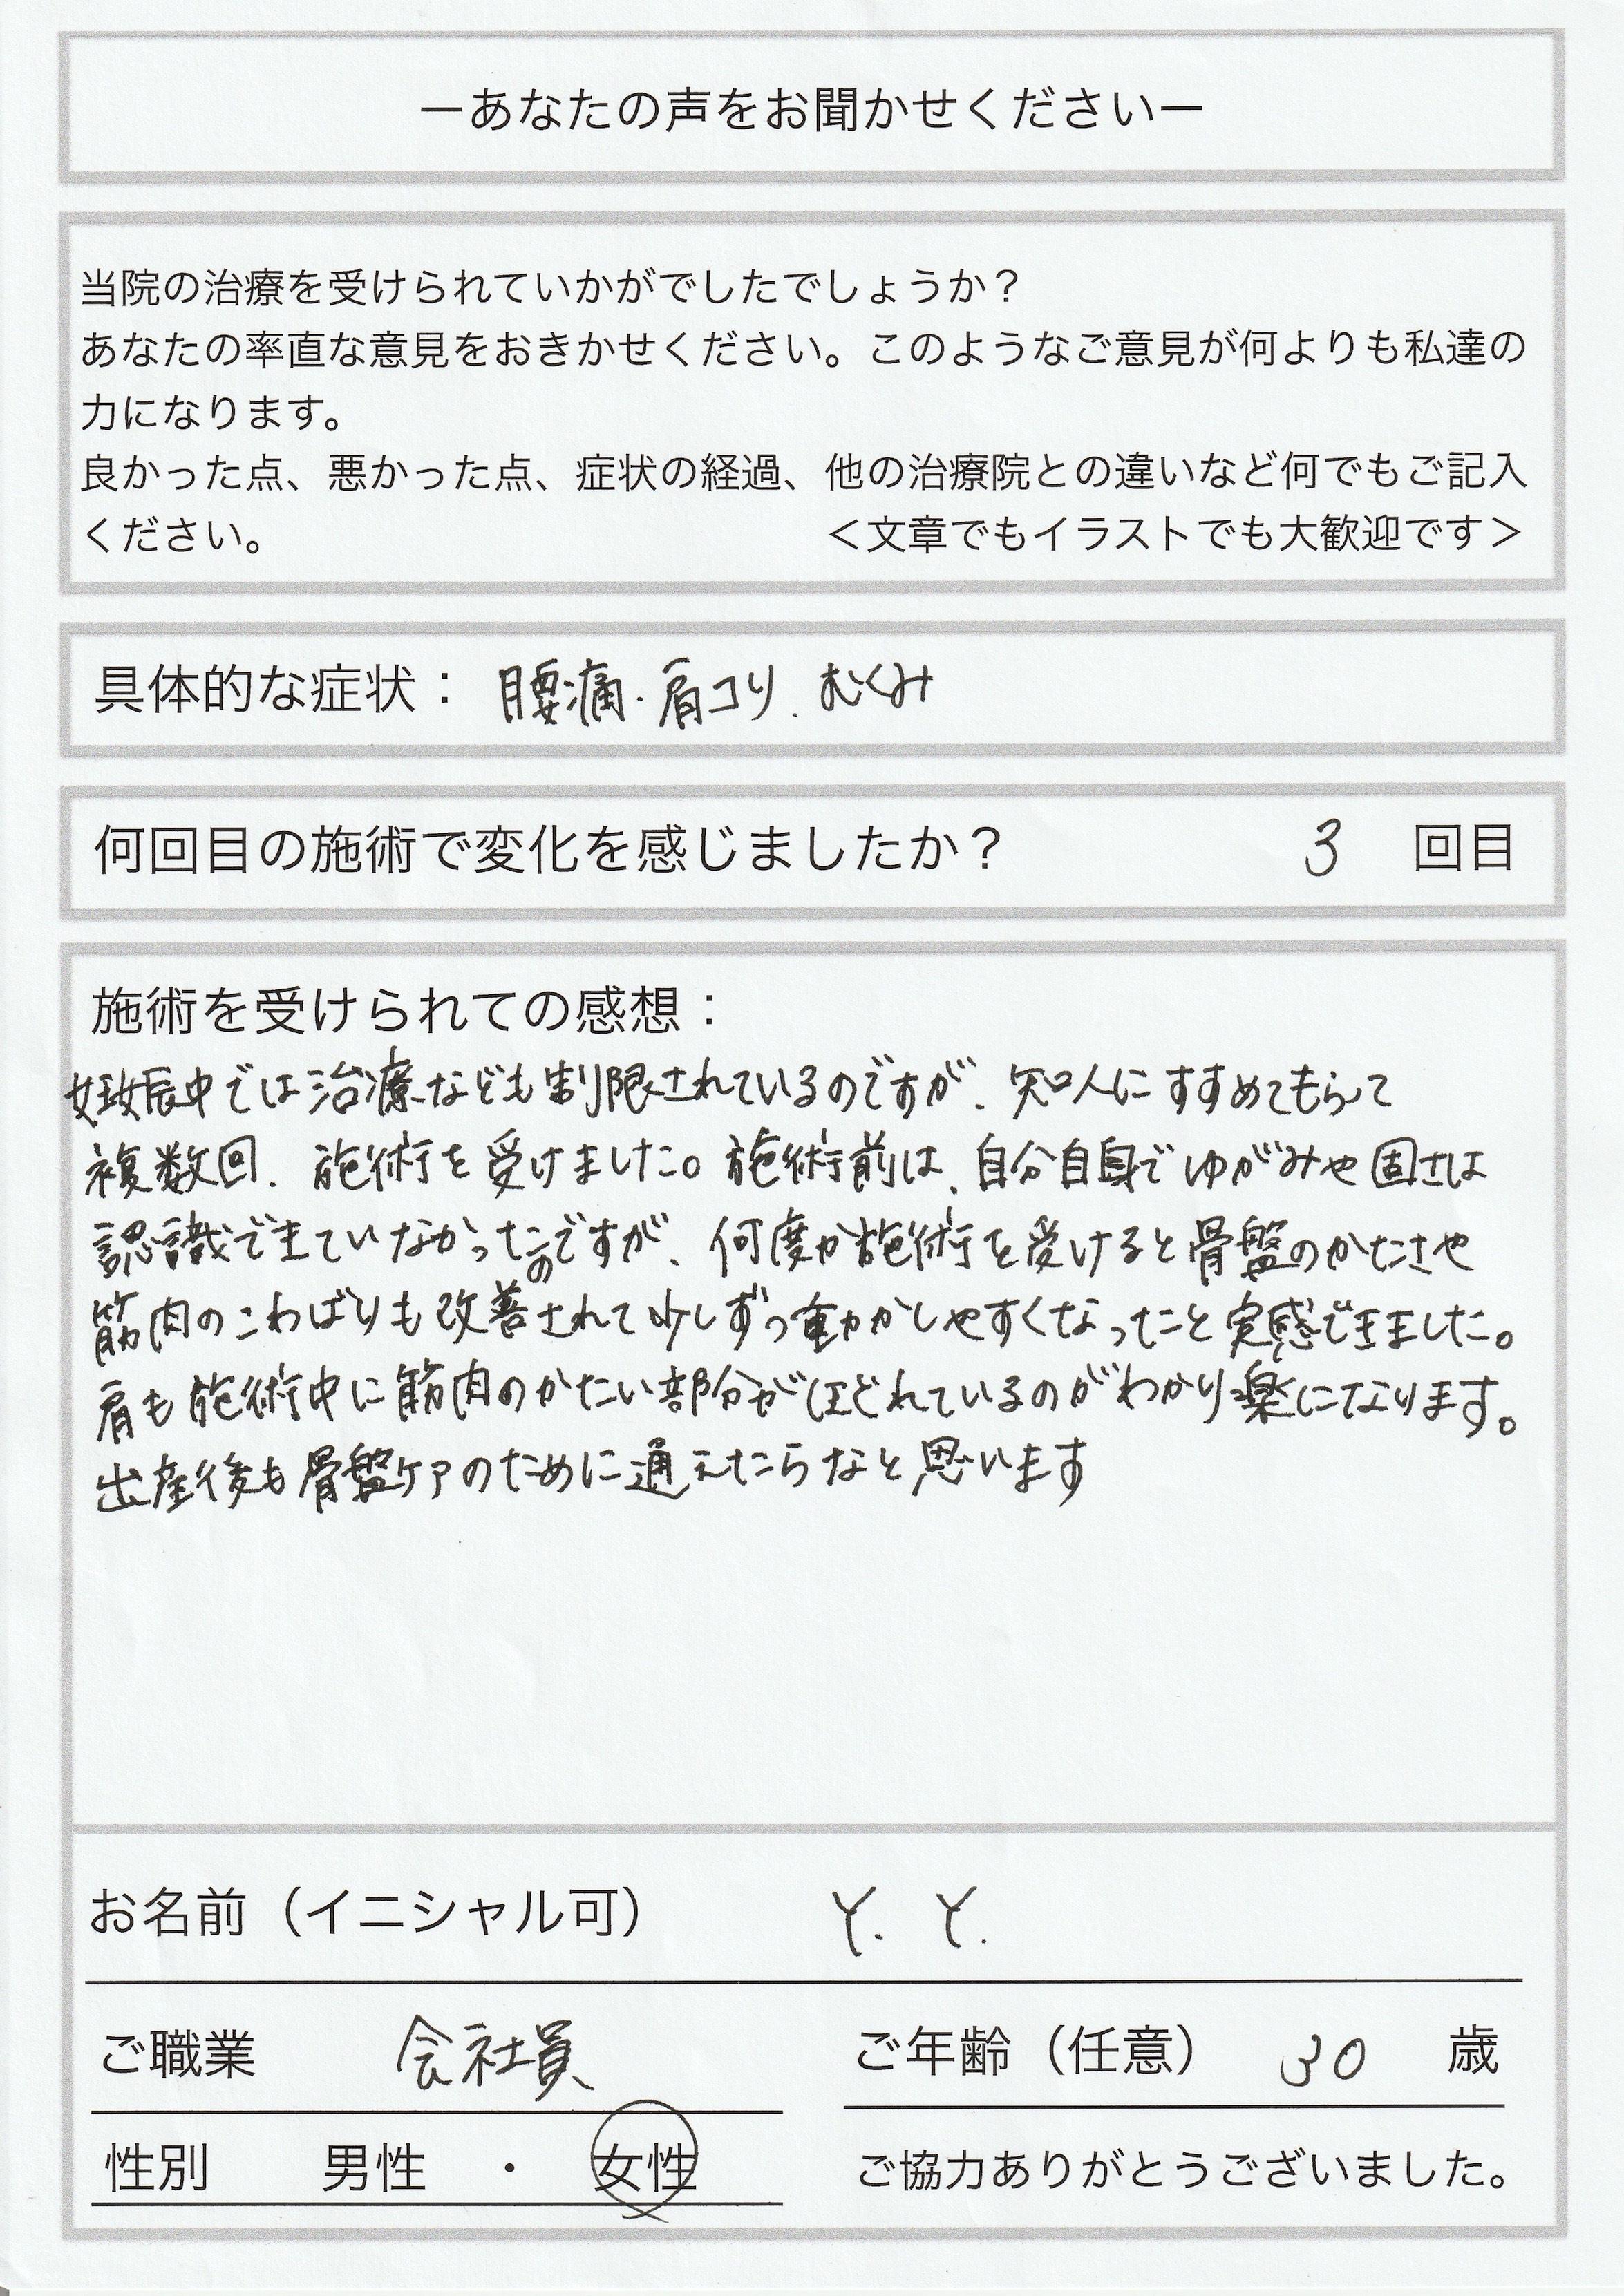 妊婦,腰痛,肩こり,むくみ,マタニティケア,大阪